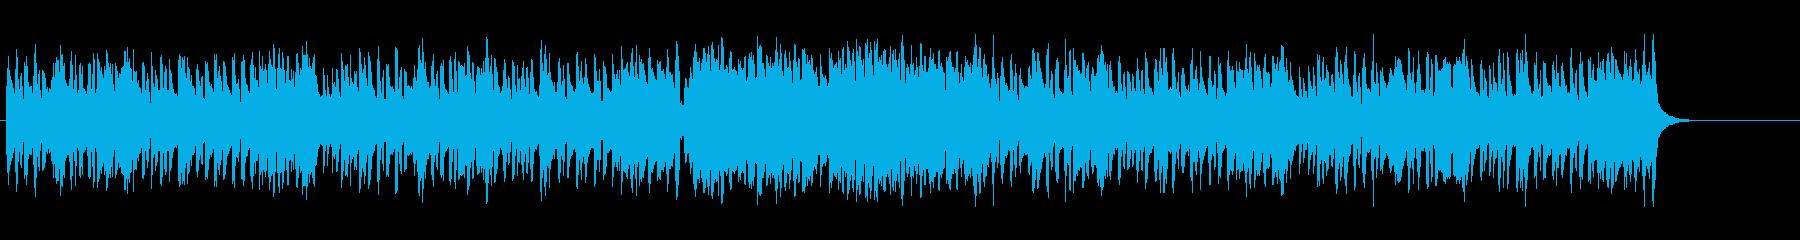 お遊戯風のチャイルド・ミュージックの再生済みの波形